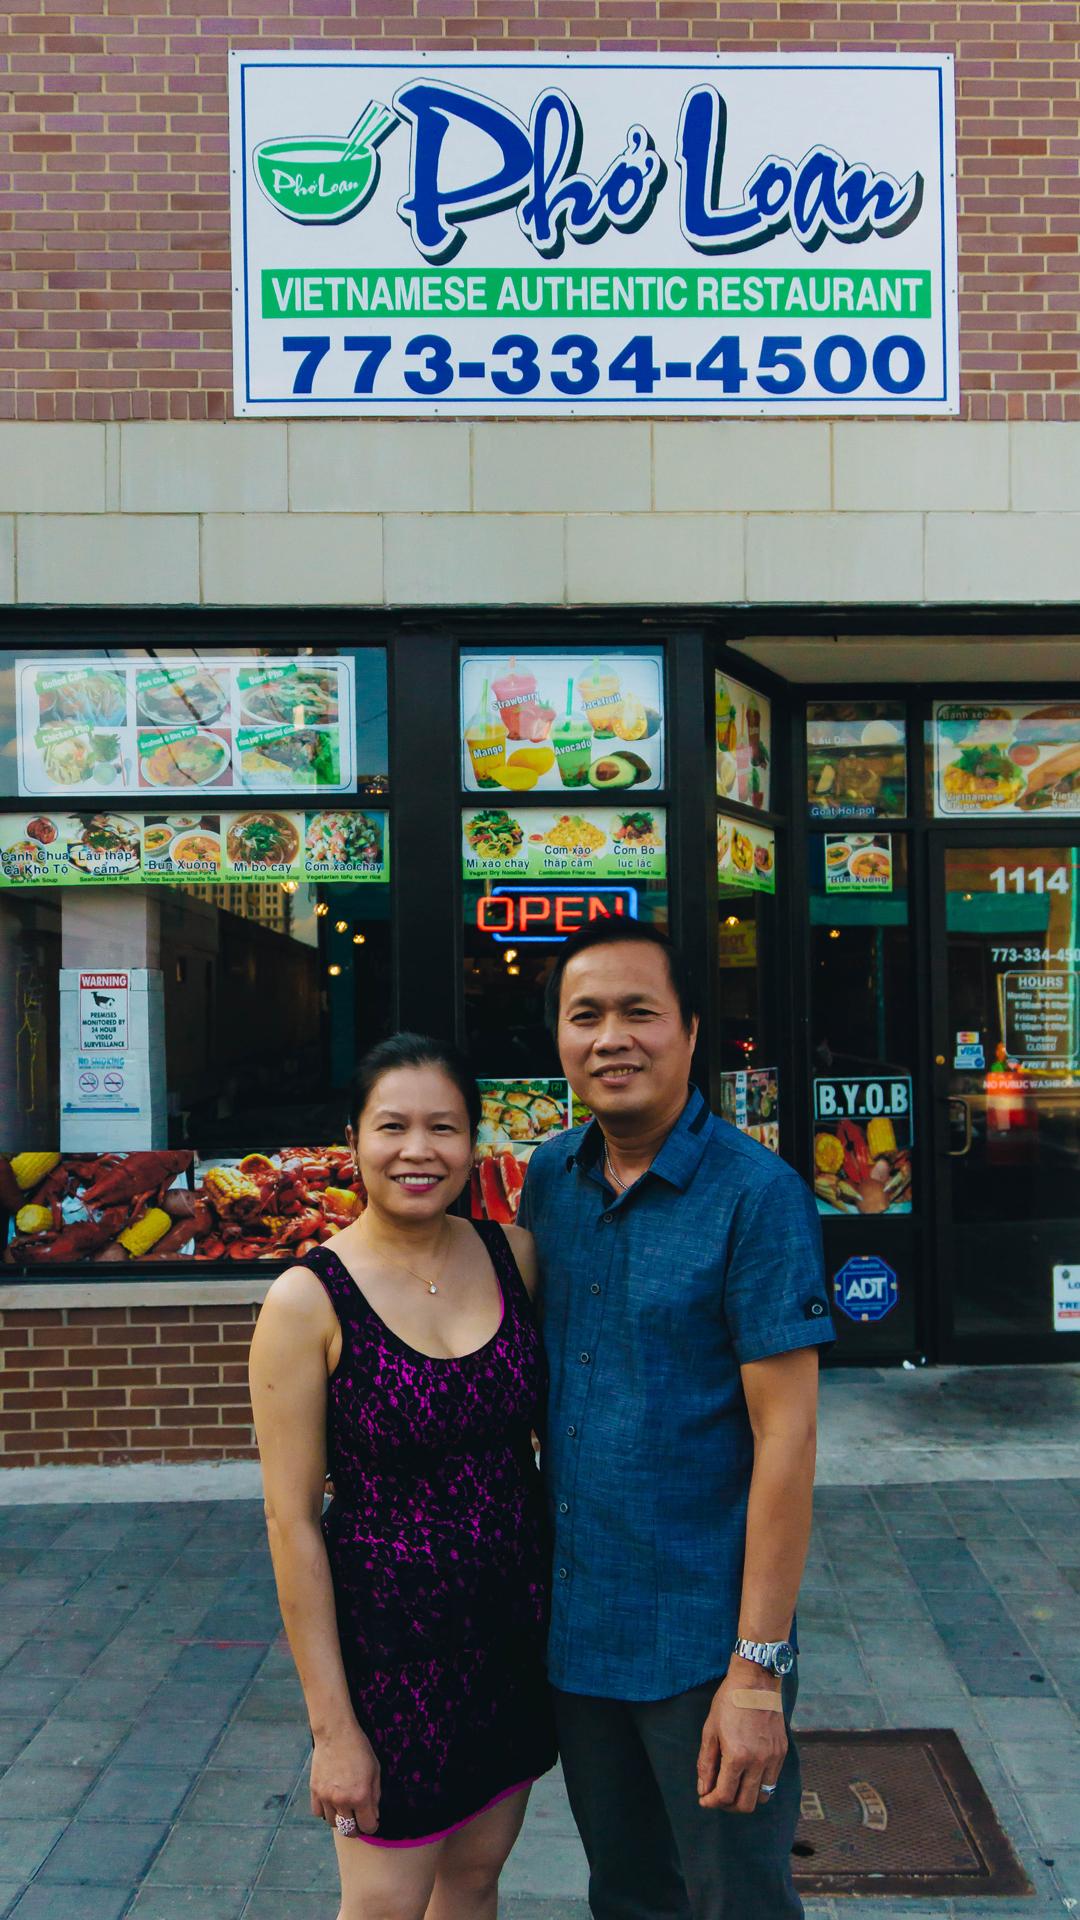 Loan Thị Thu Nguyễn and Quang Minh Lê of Phơ Loan